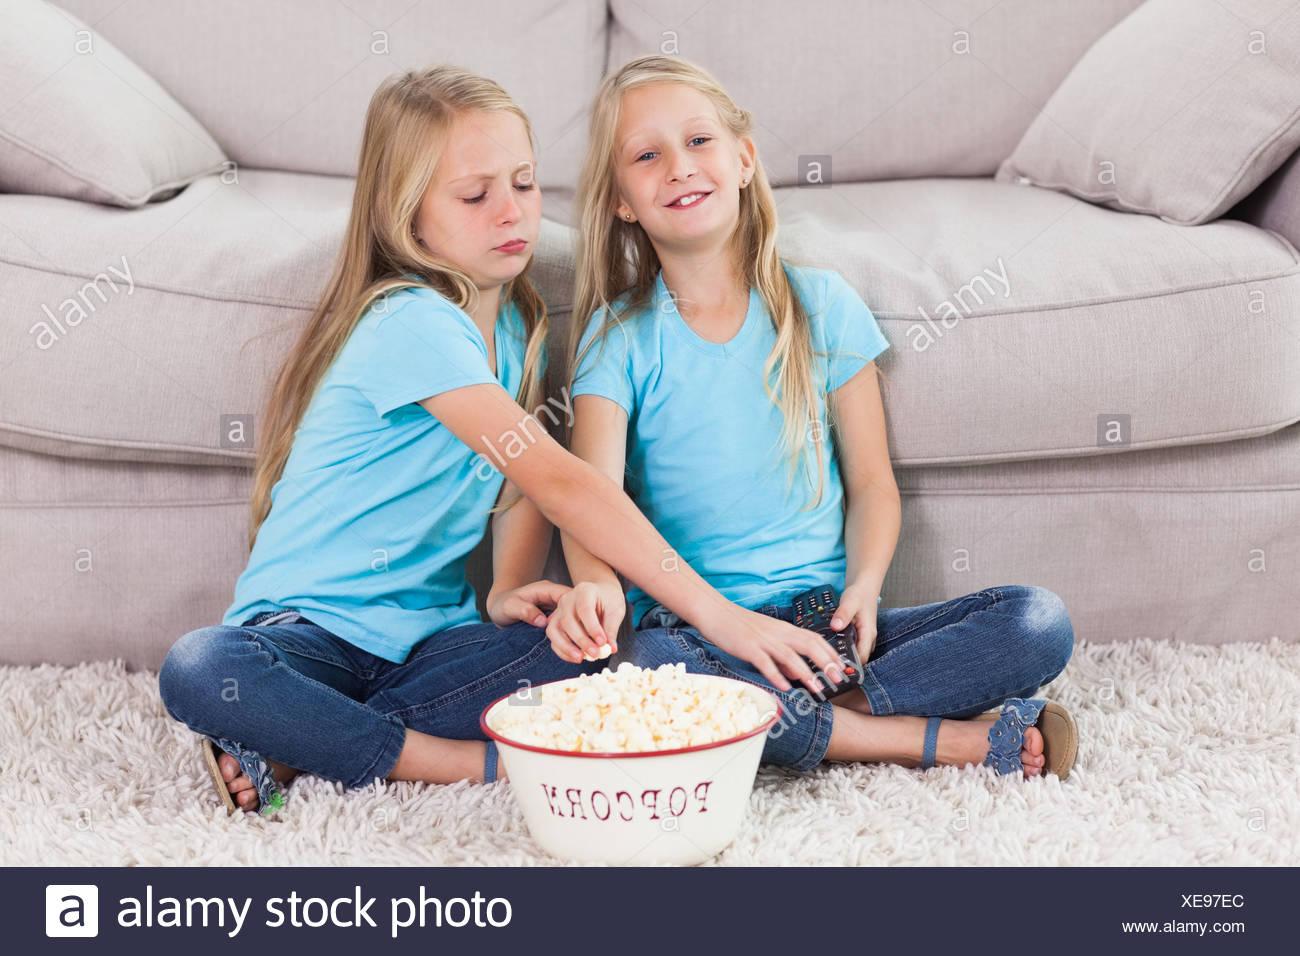 Junge Zwillinge